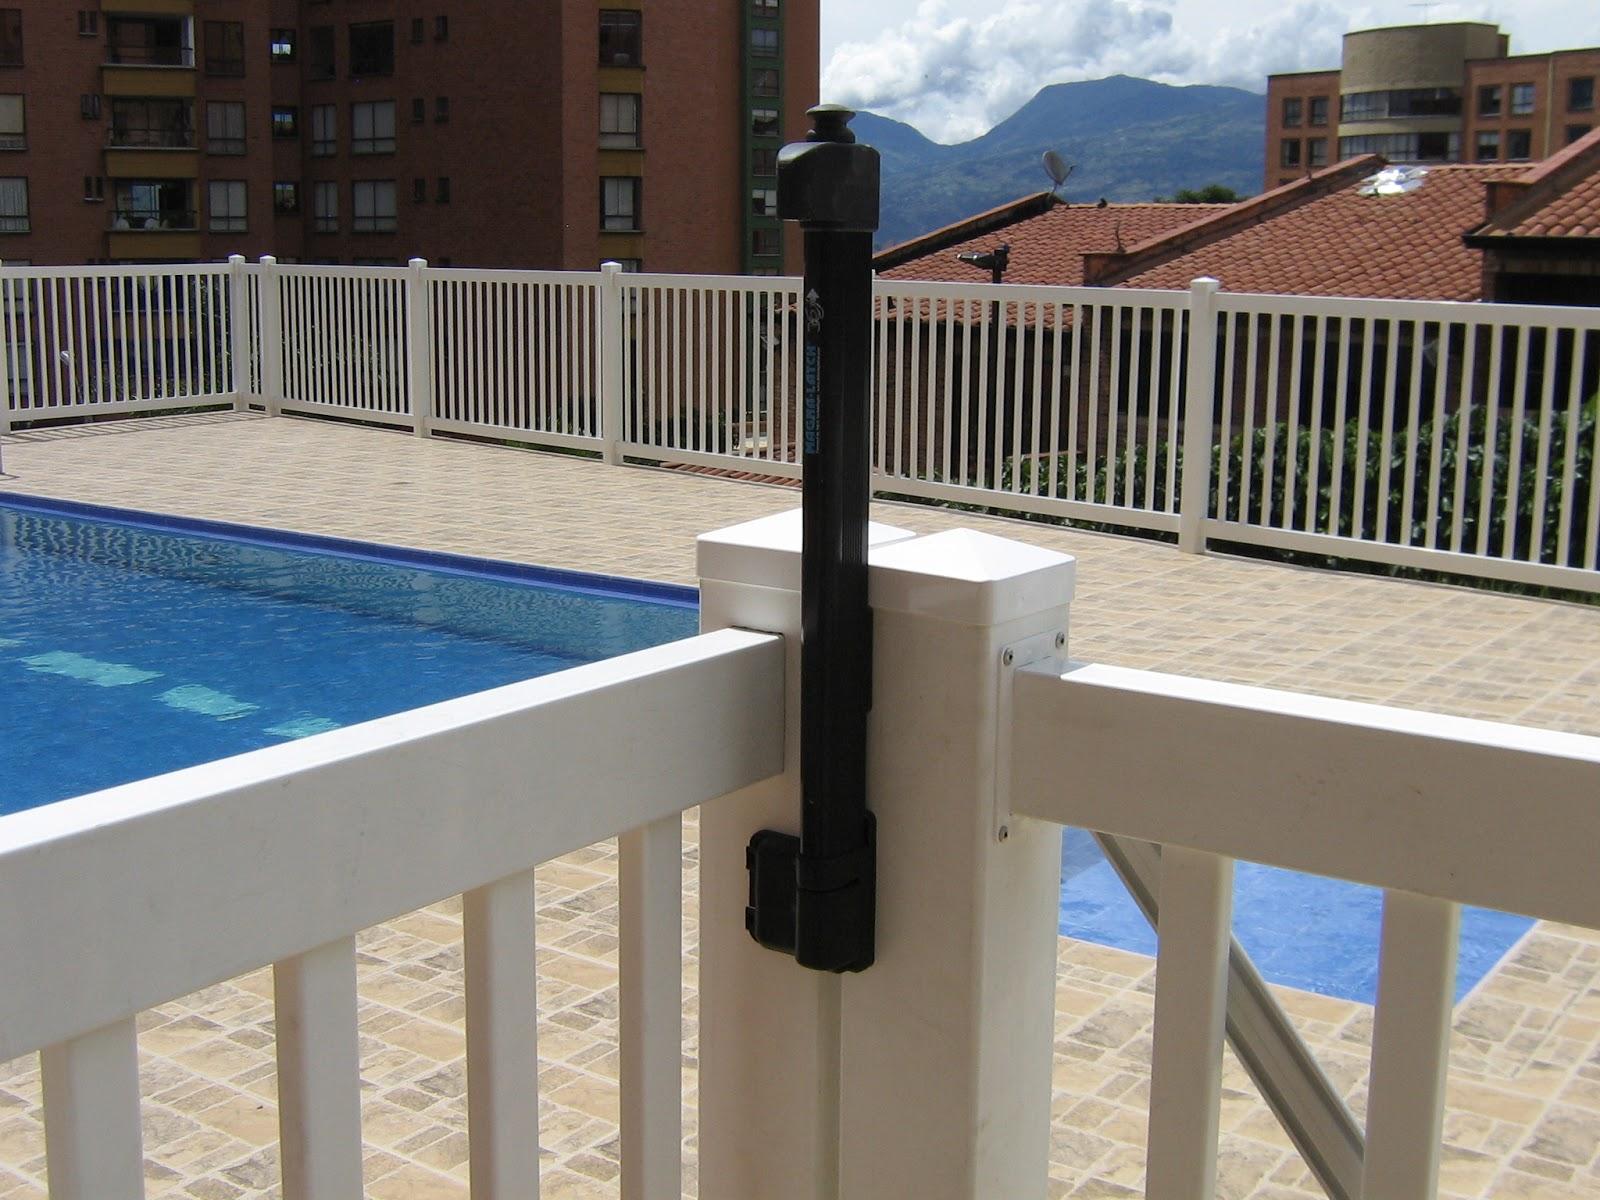 Piscinas integrales sas cerramientos para piscinas for Piscinas plasticas colombia